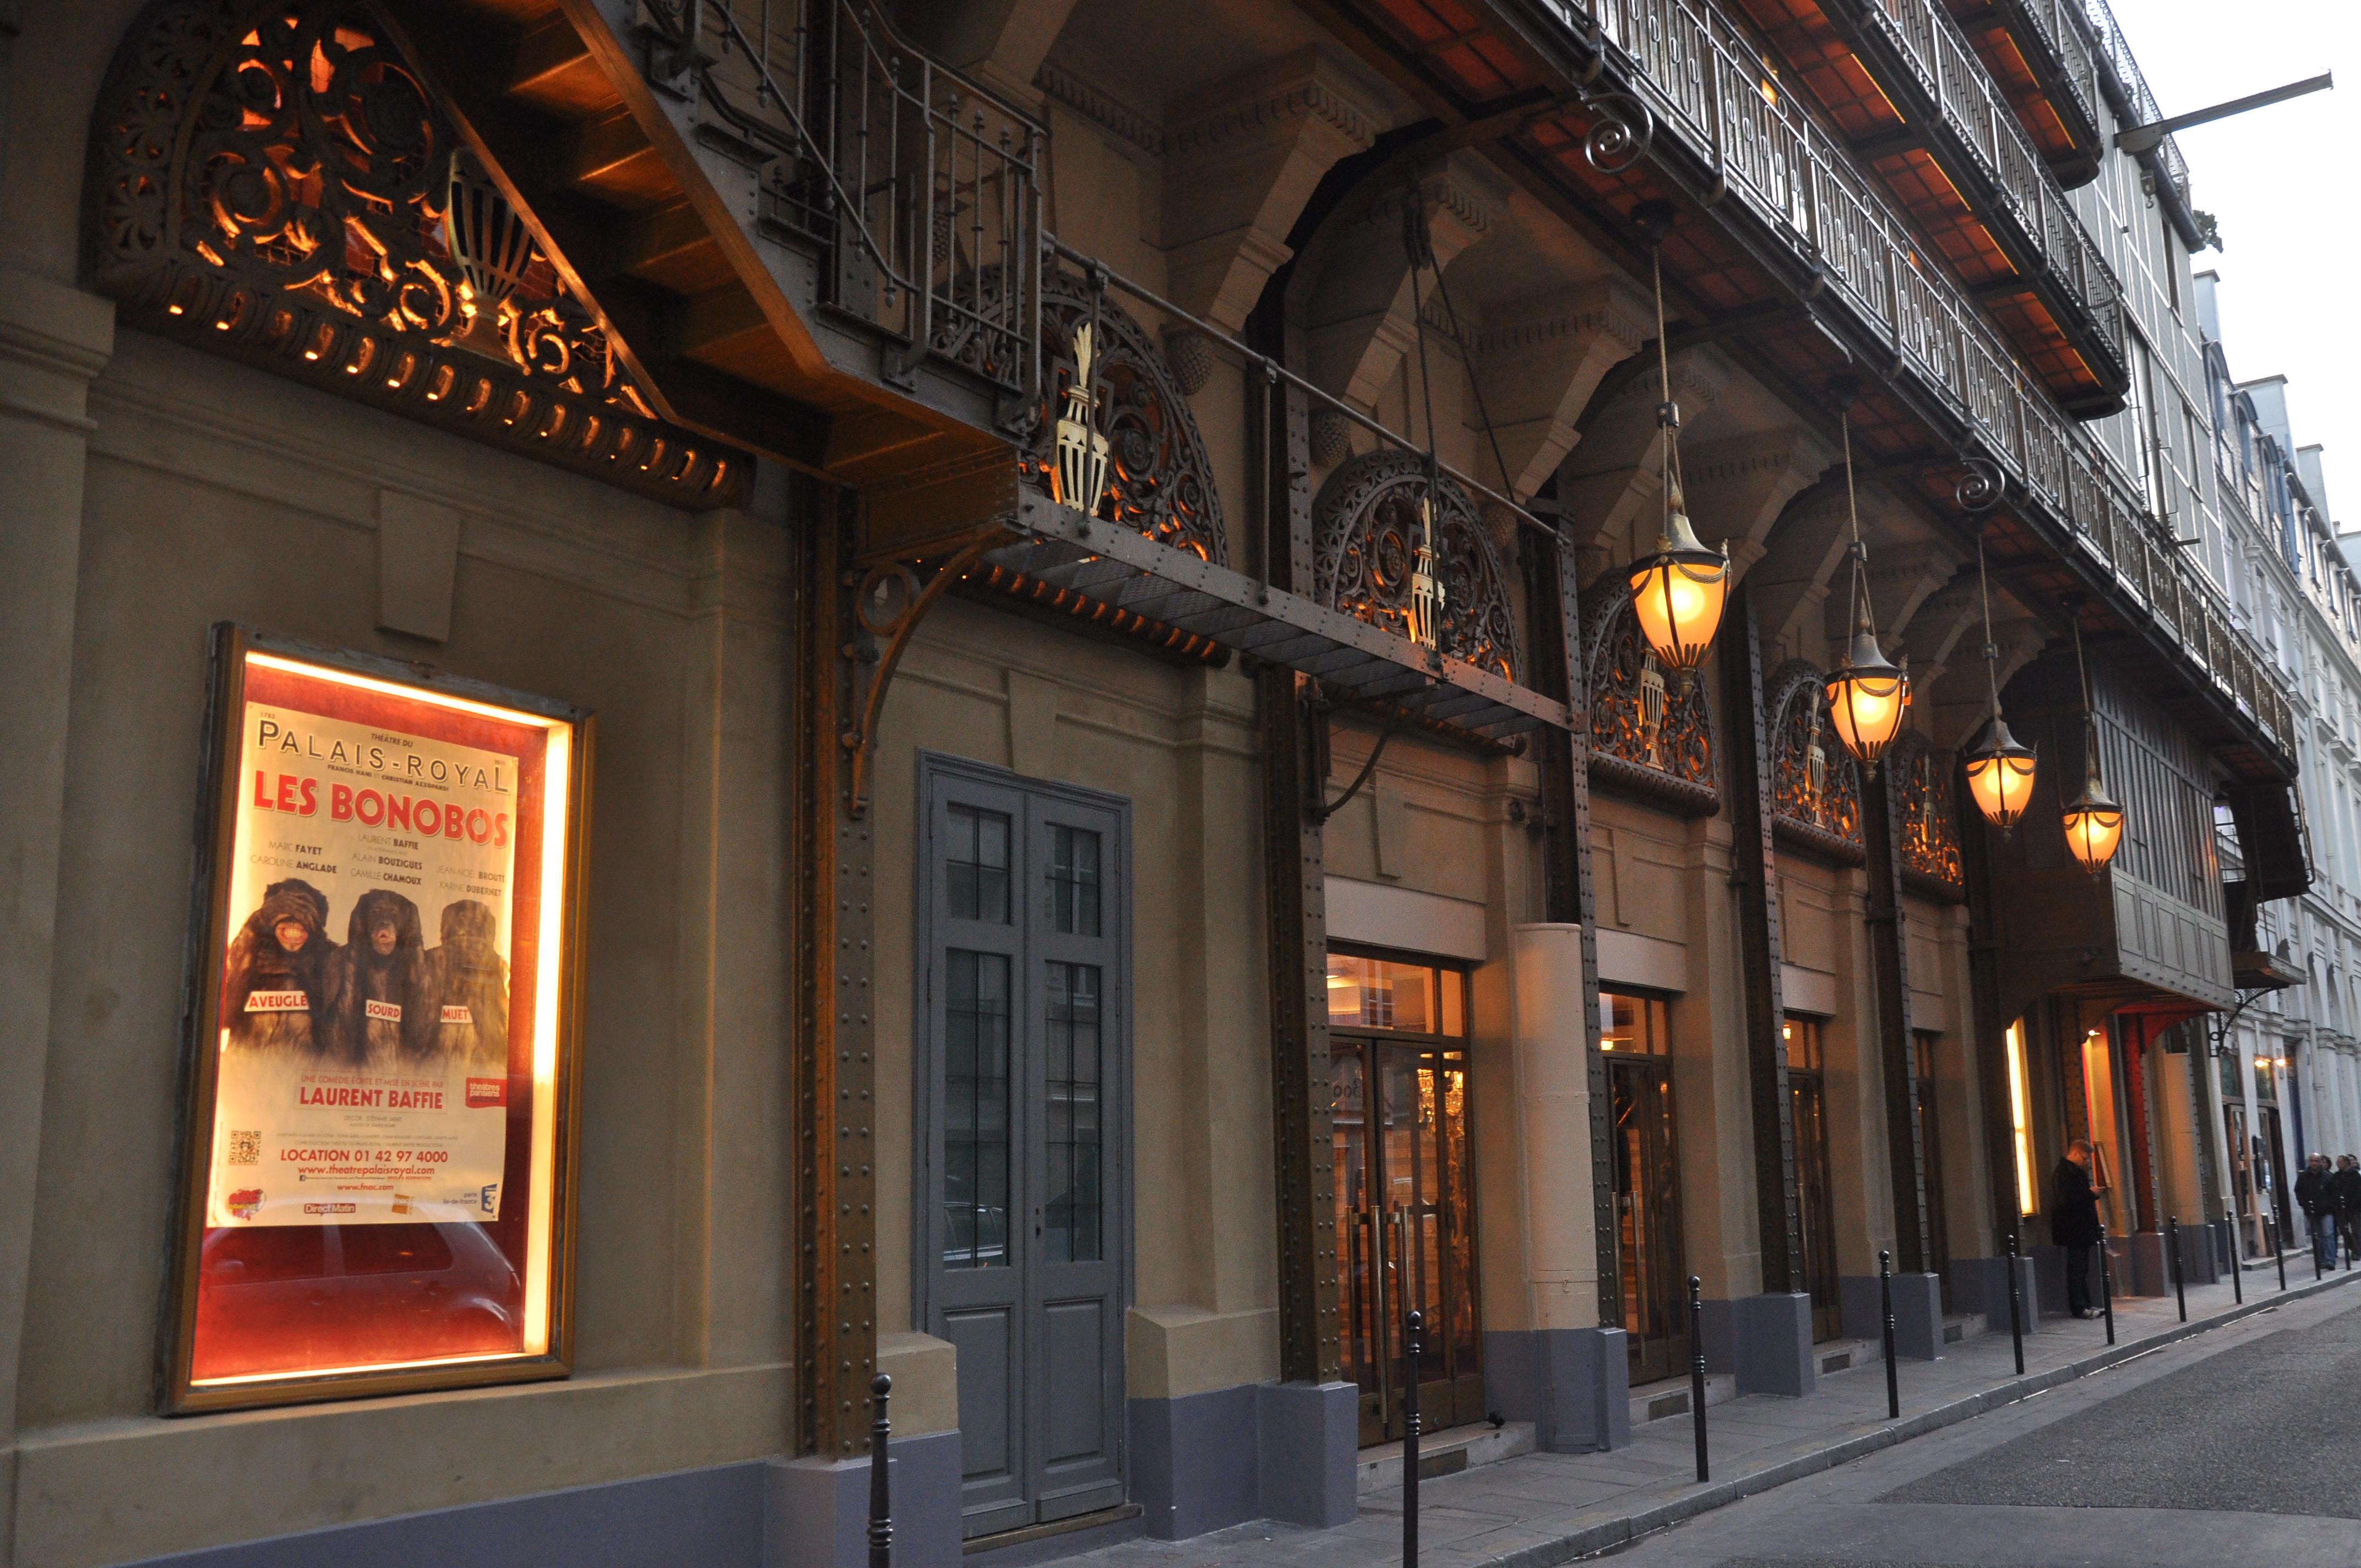 18a7be43d4256d Théâtre du Palais-Royal — Wikipédia